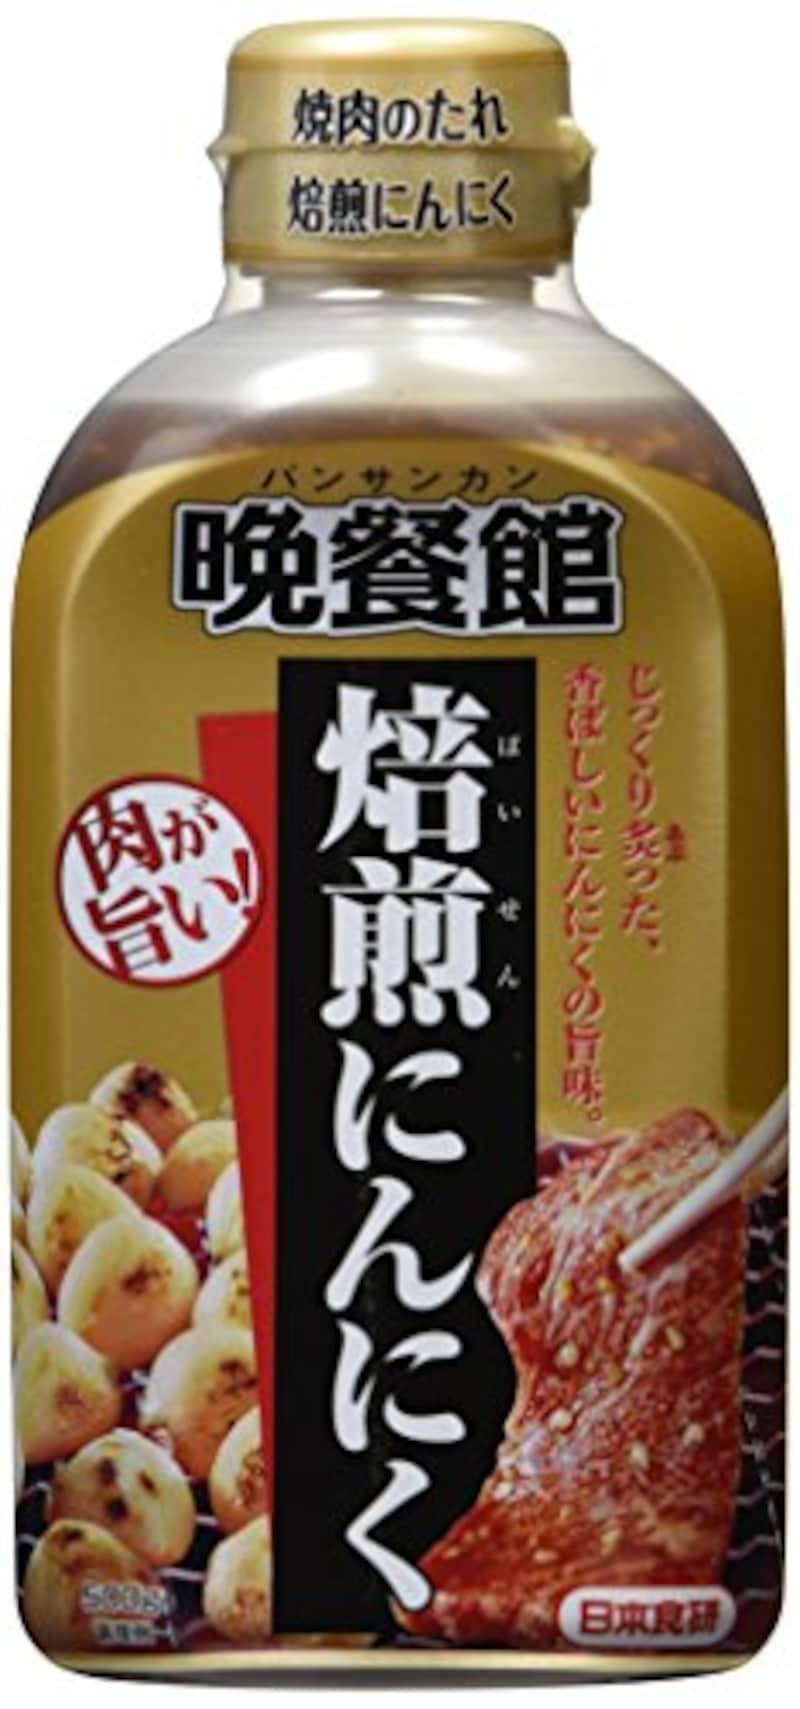 日本食研,晩餐館 焼肉のたれ 焙煎にんにく